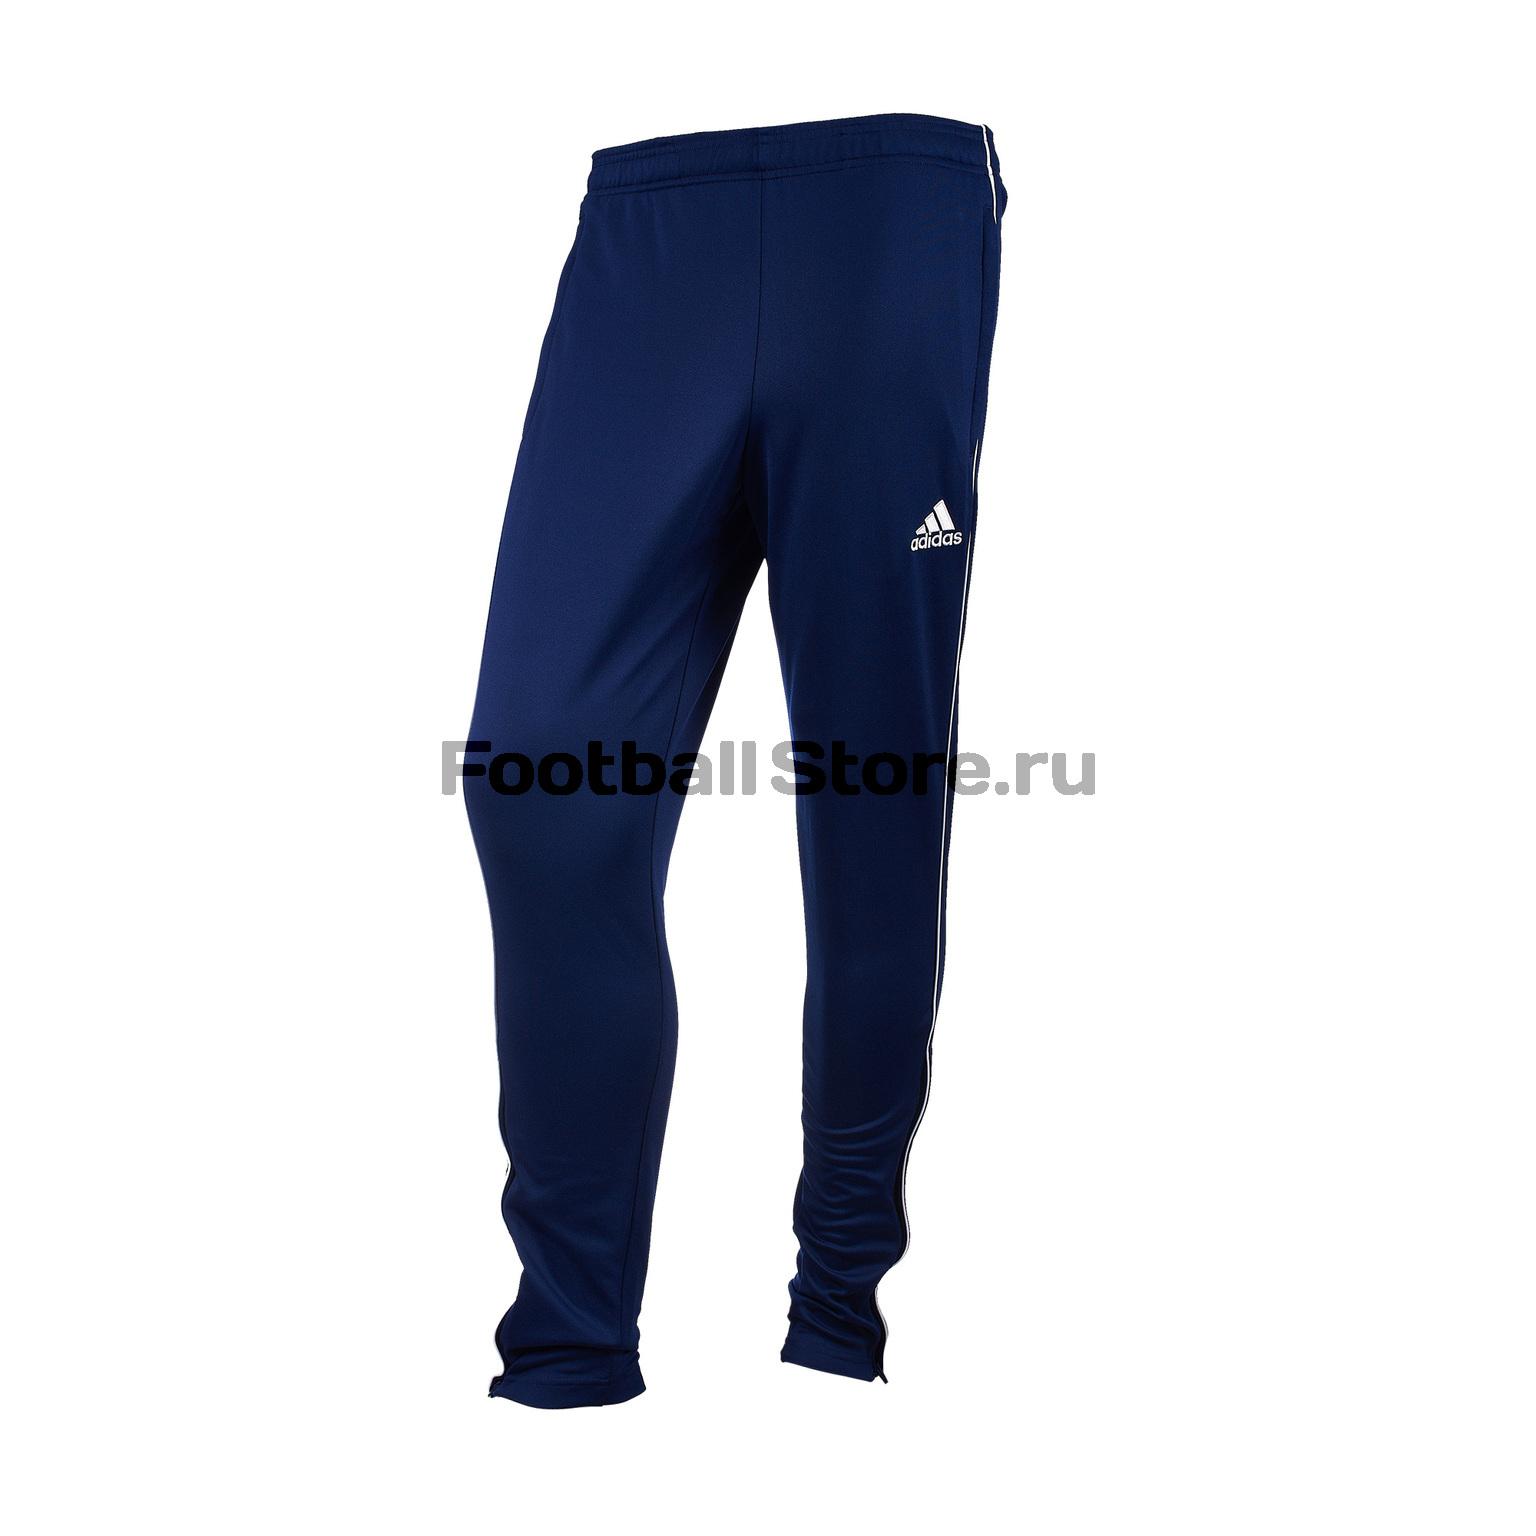 цена на Брюки тренировочные Adidas Core18 TR Pnt CV3988